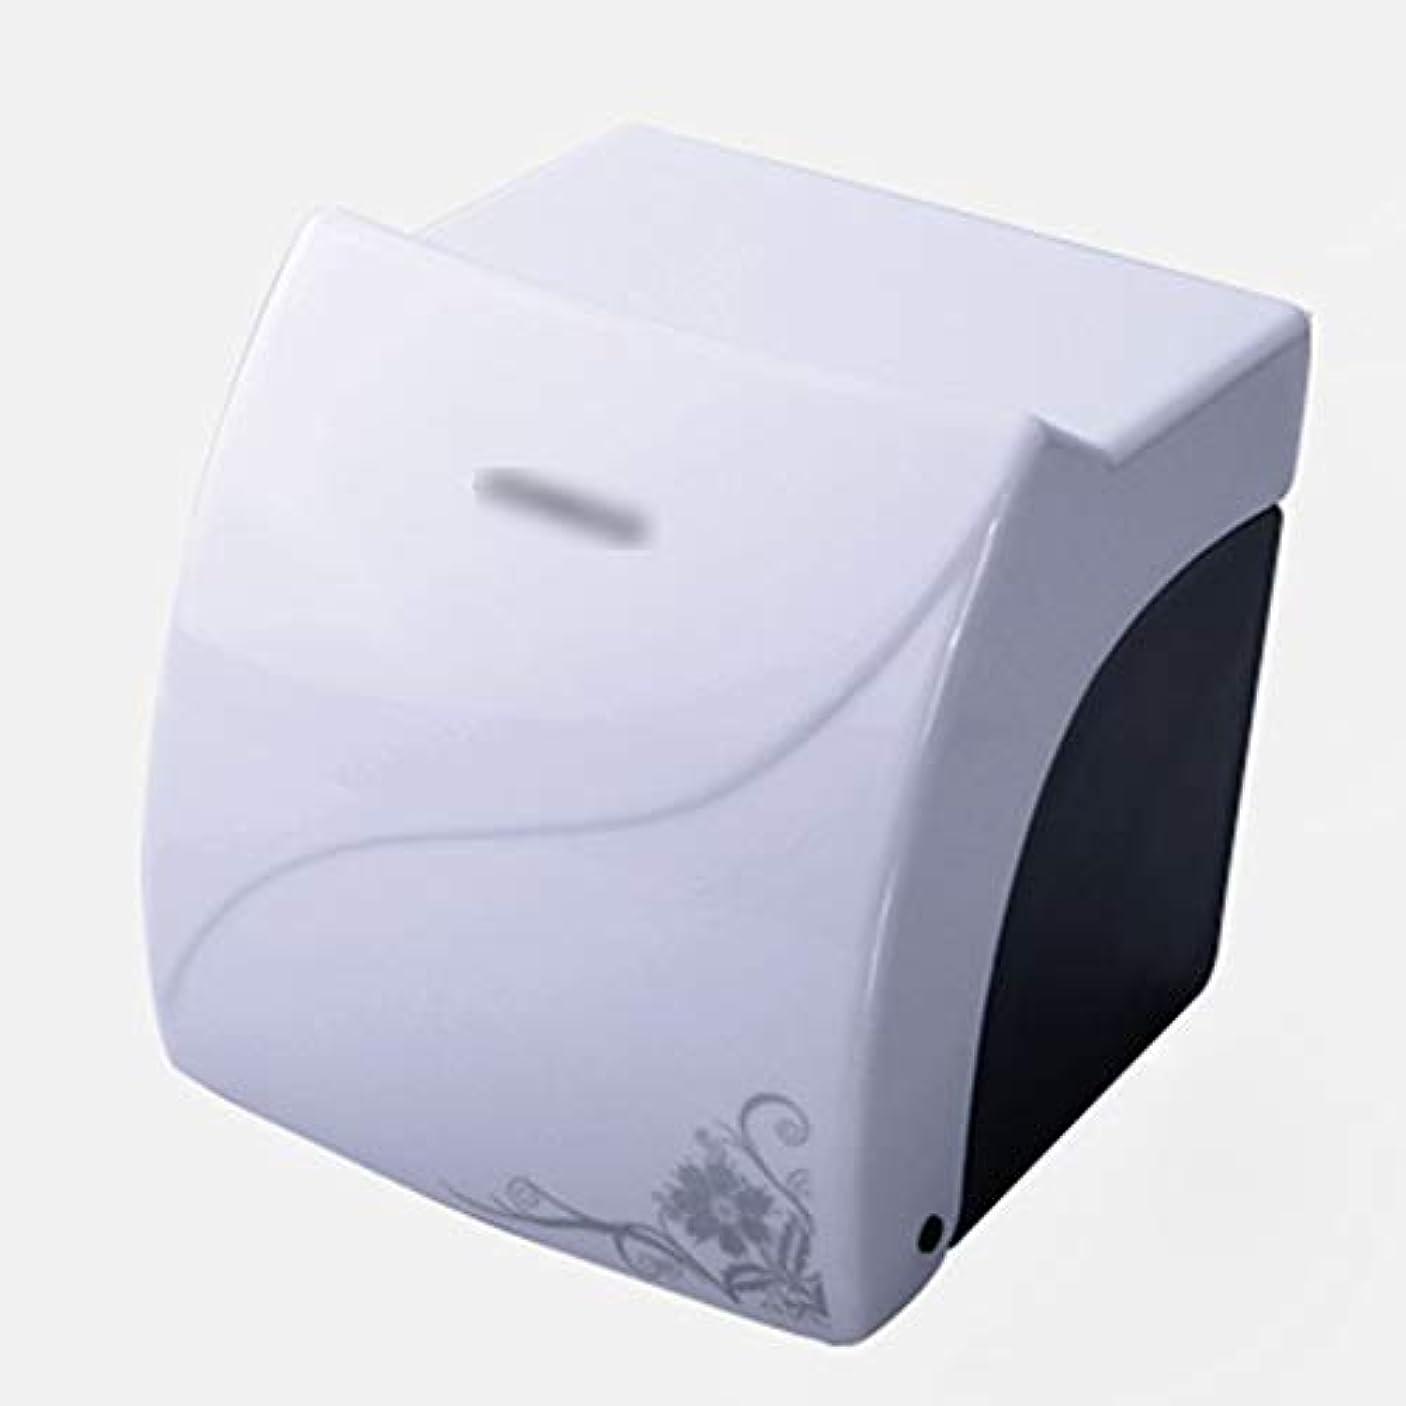 が欲しいフライトコンテンツZZLX 紙タオルホルダー、高品質ABS防水ティッシュボックストイレットペーパーボックスペーパーホルダー ロングハンドル風呂ブラシ